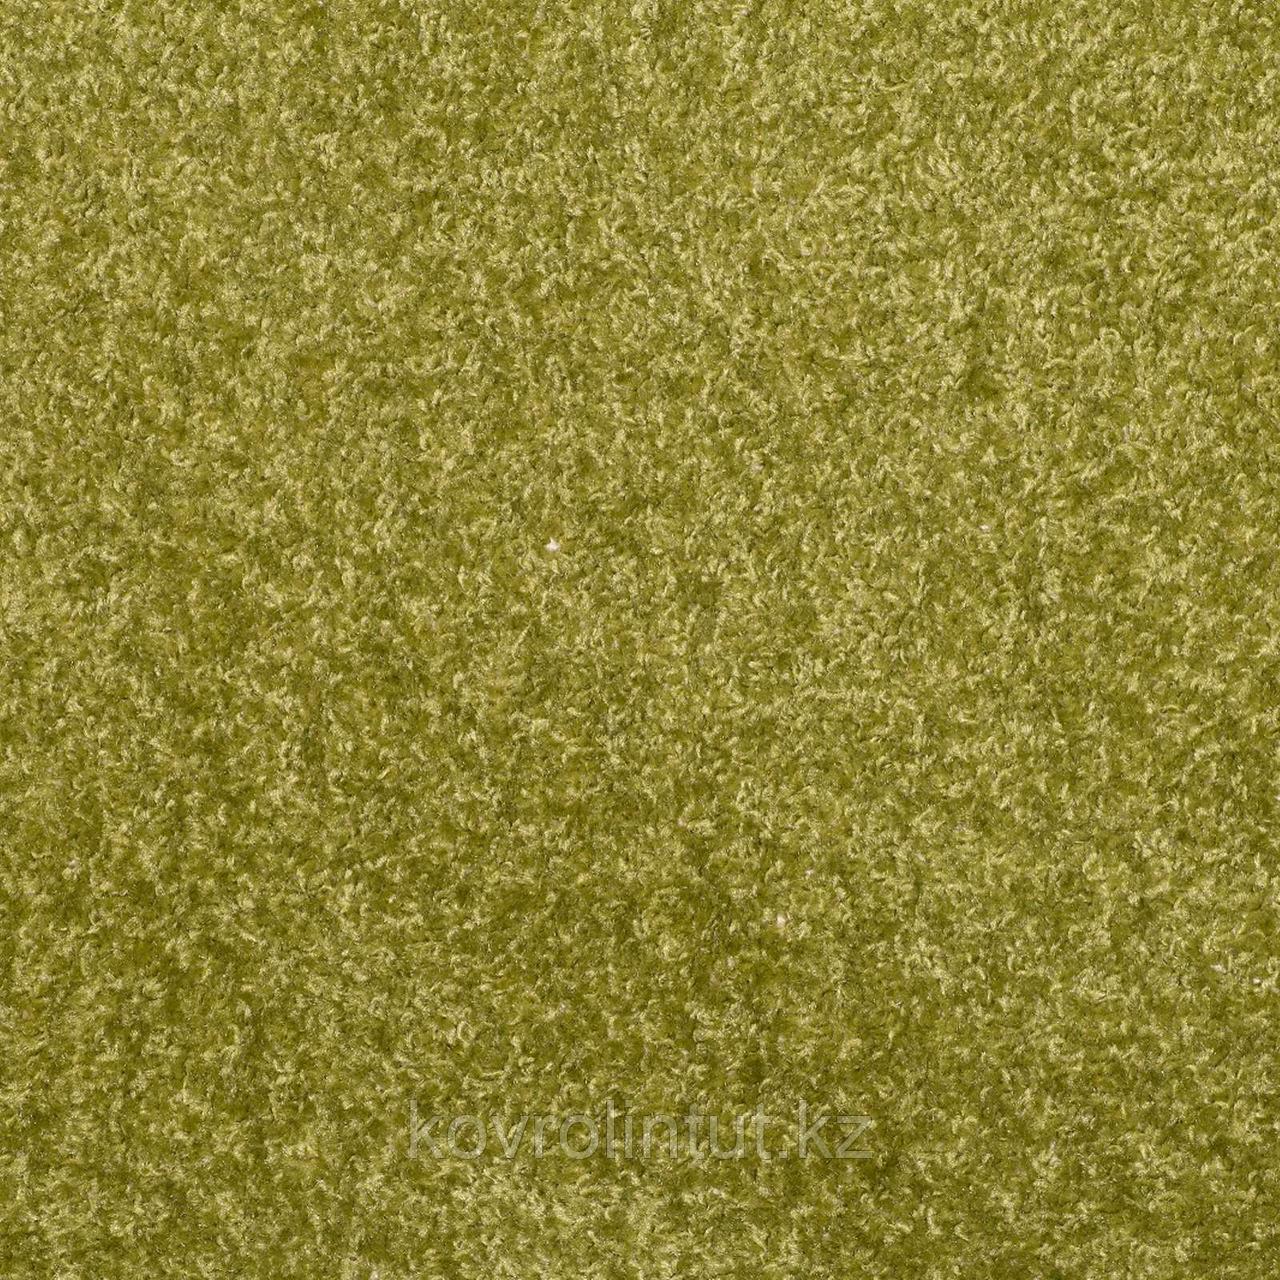 Ковровое покрытие Balta SMILE 460 салатовый 4 м